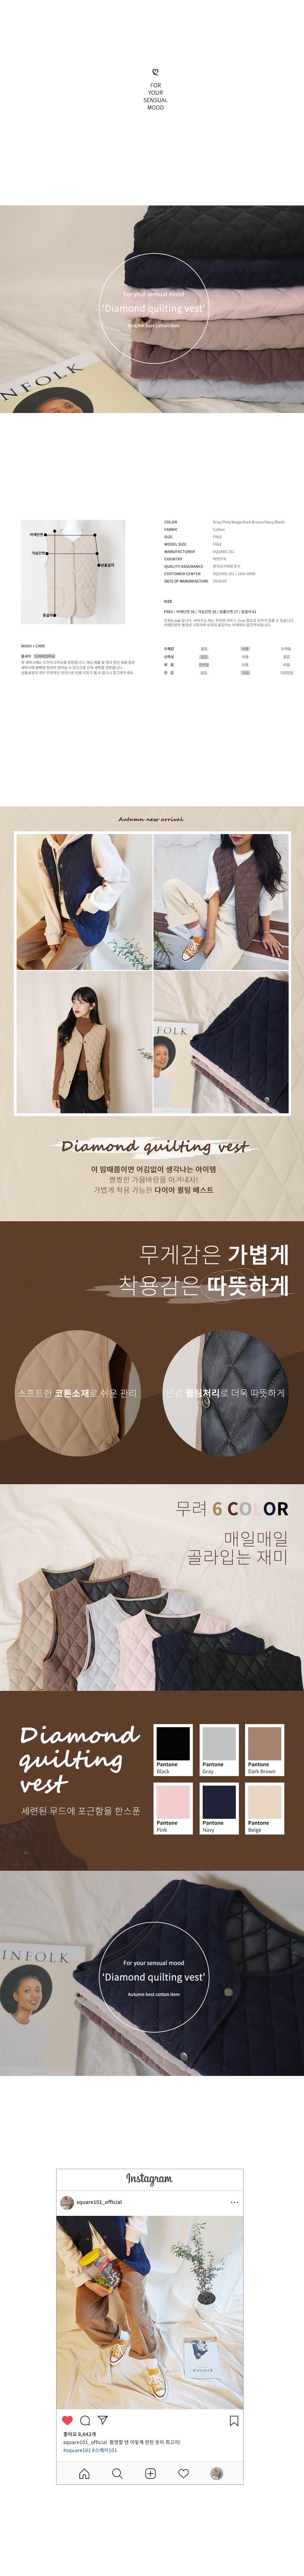 Diamond Quilting Vest